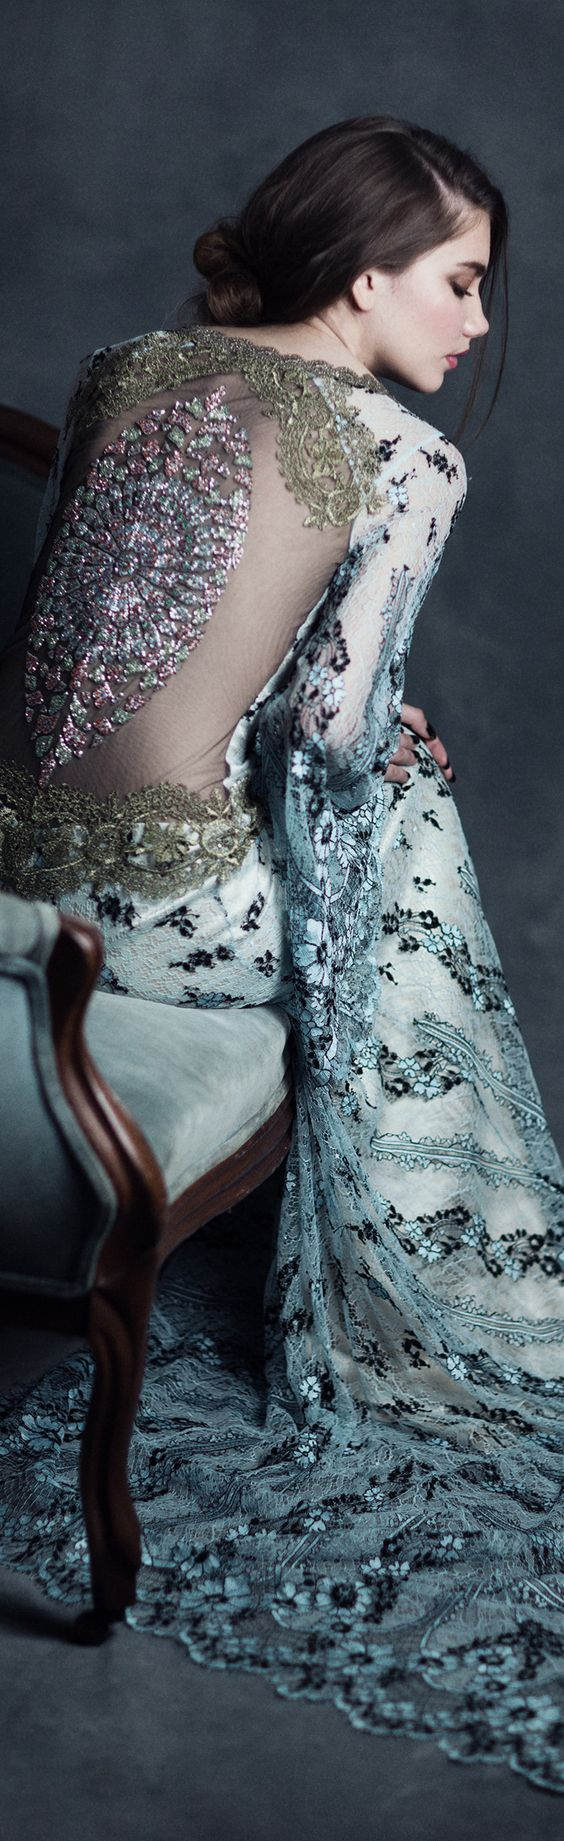 122 best Statement Back Wedding Dresses images on Pinterest ...